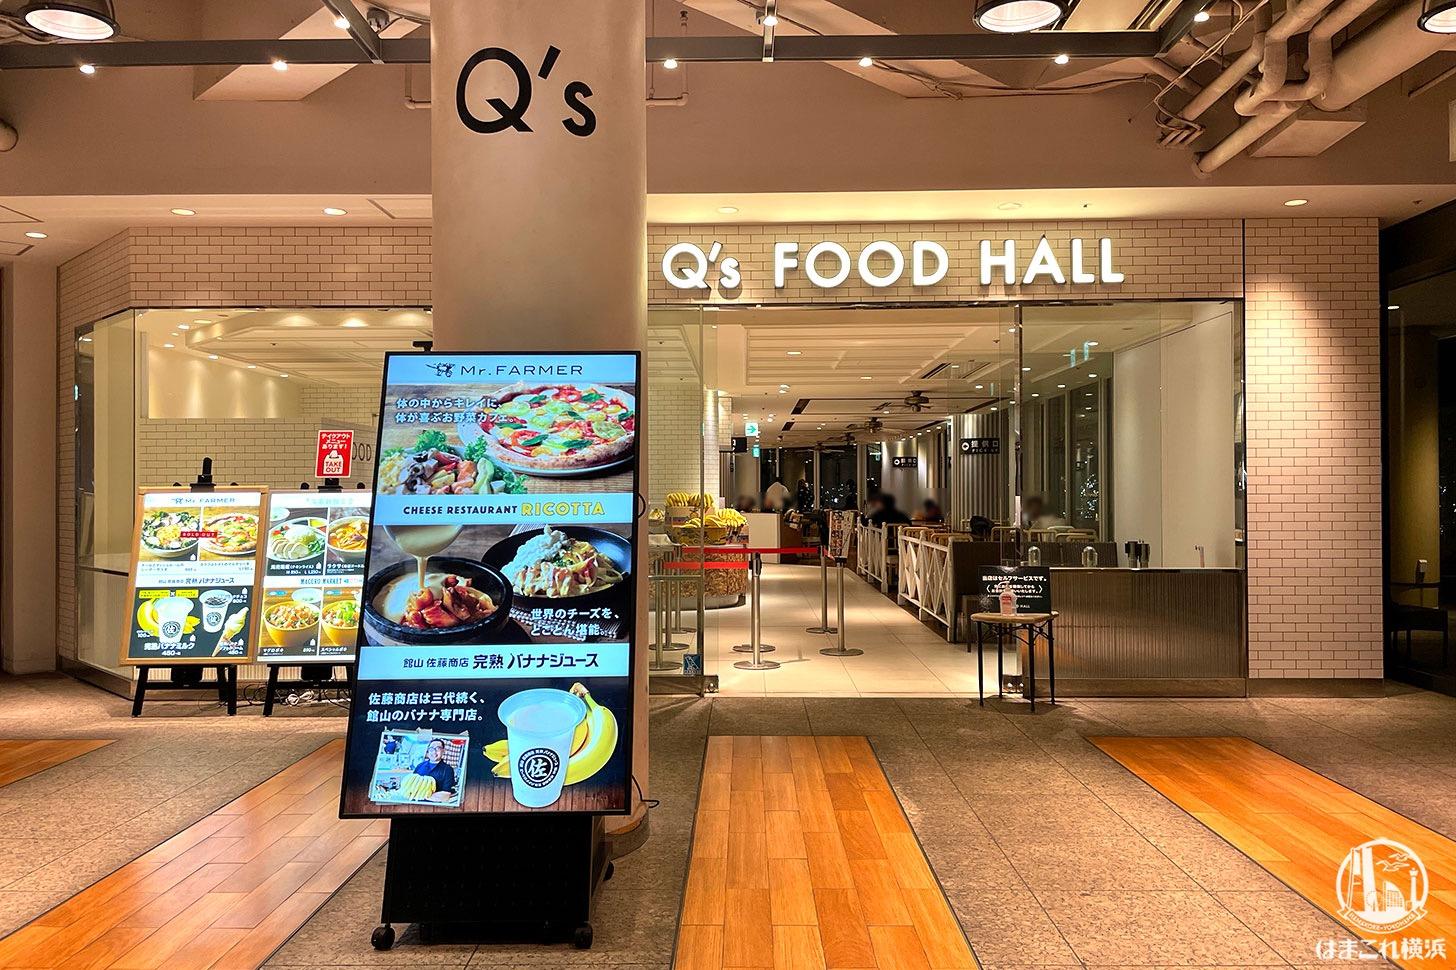 Q'sフードホール、みなとみらい東急スクエアにオープン!各店舗の料理が楽しめる